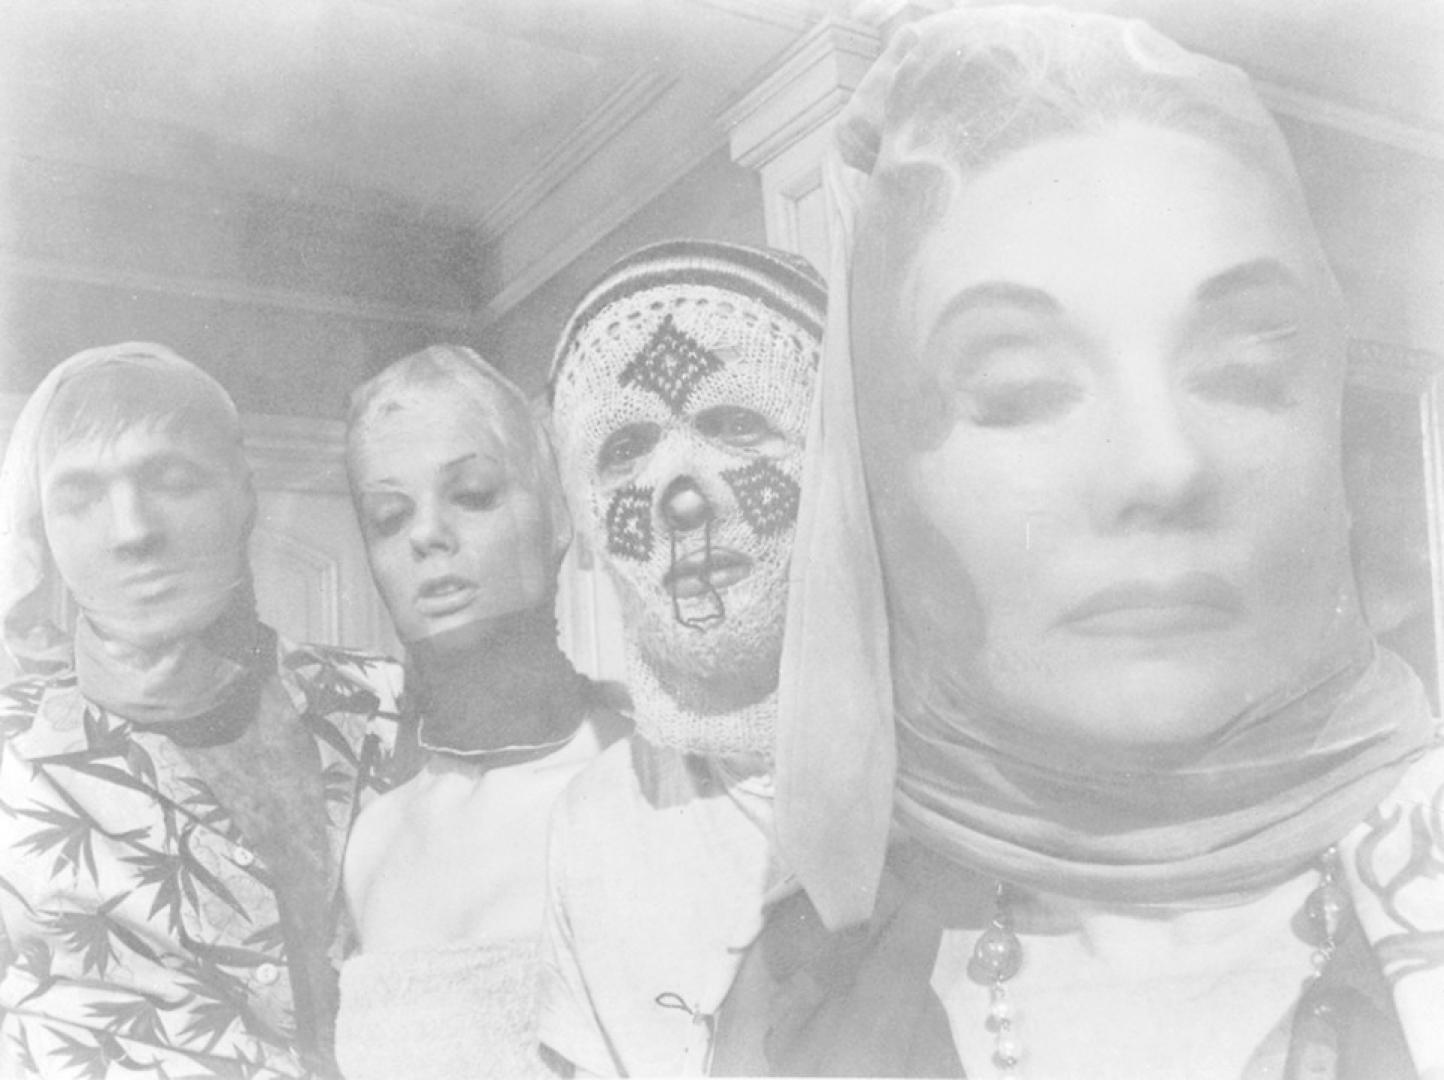 Lady in a Cage - Nő csapdában (1964) 2. kép